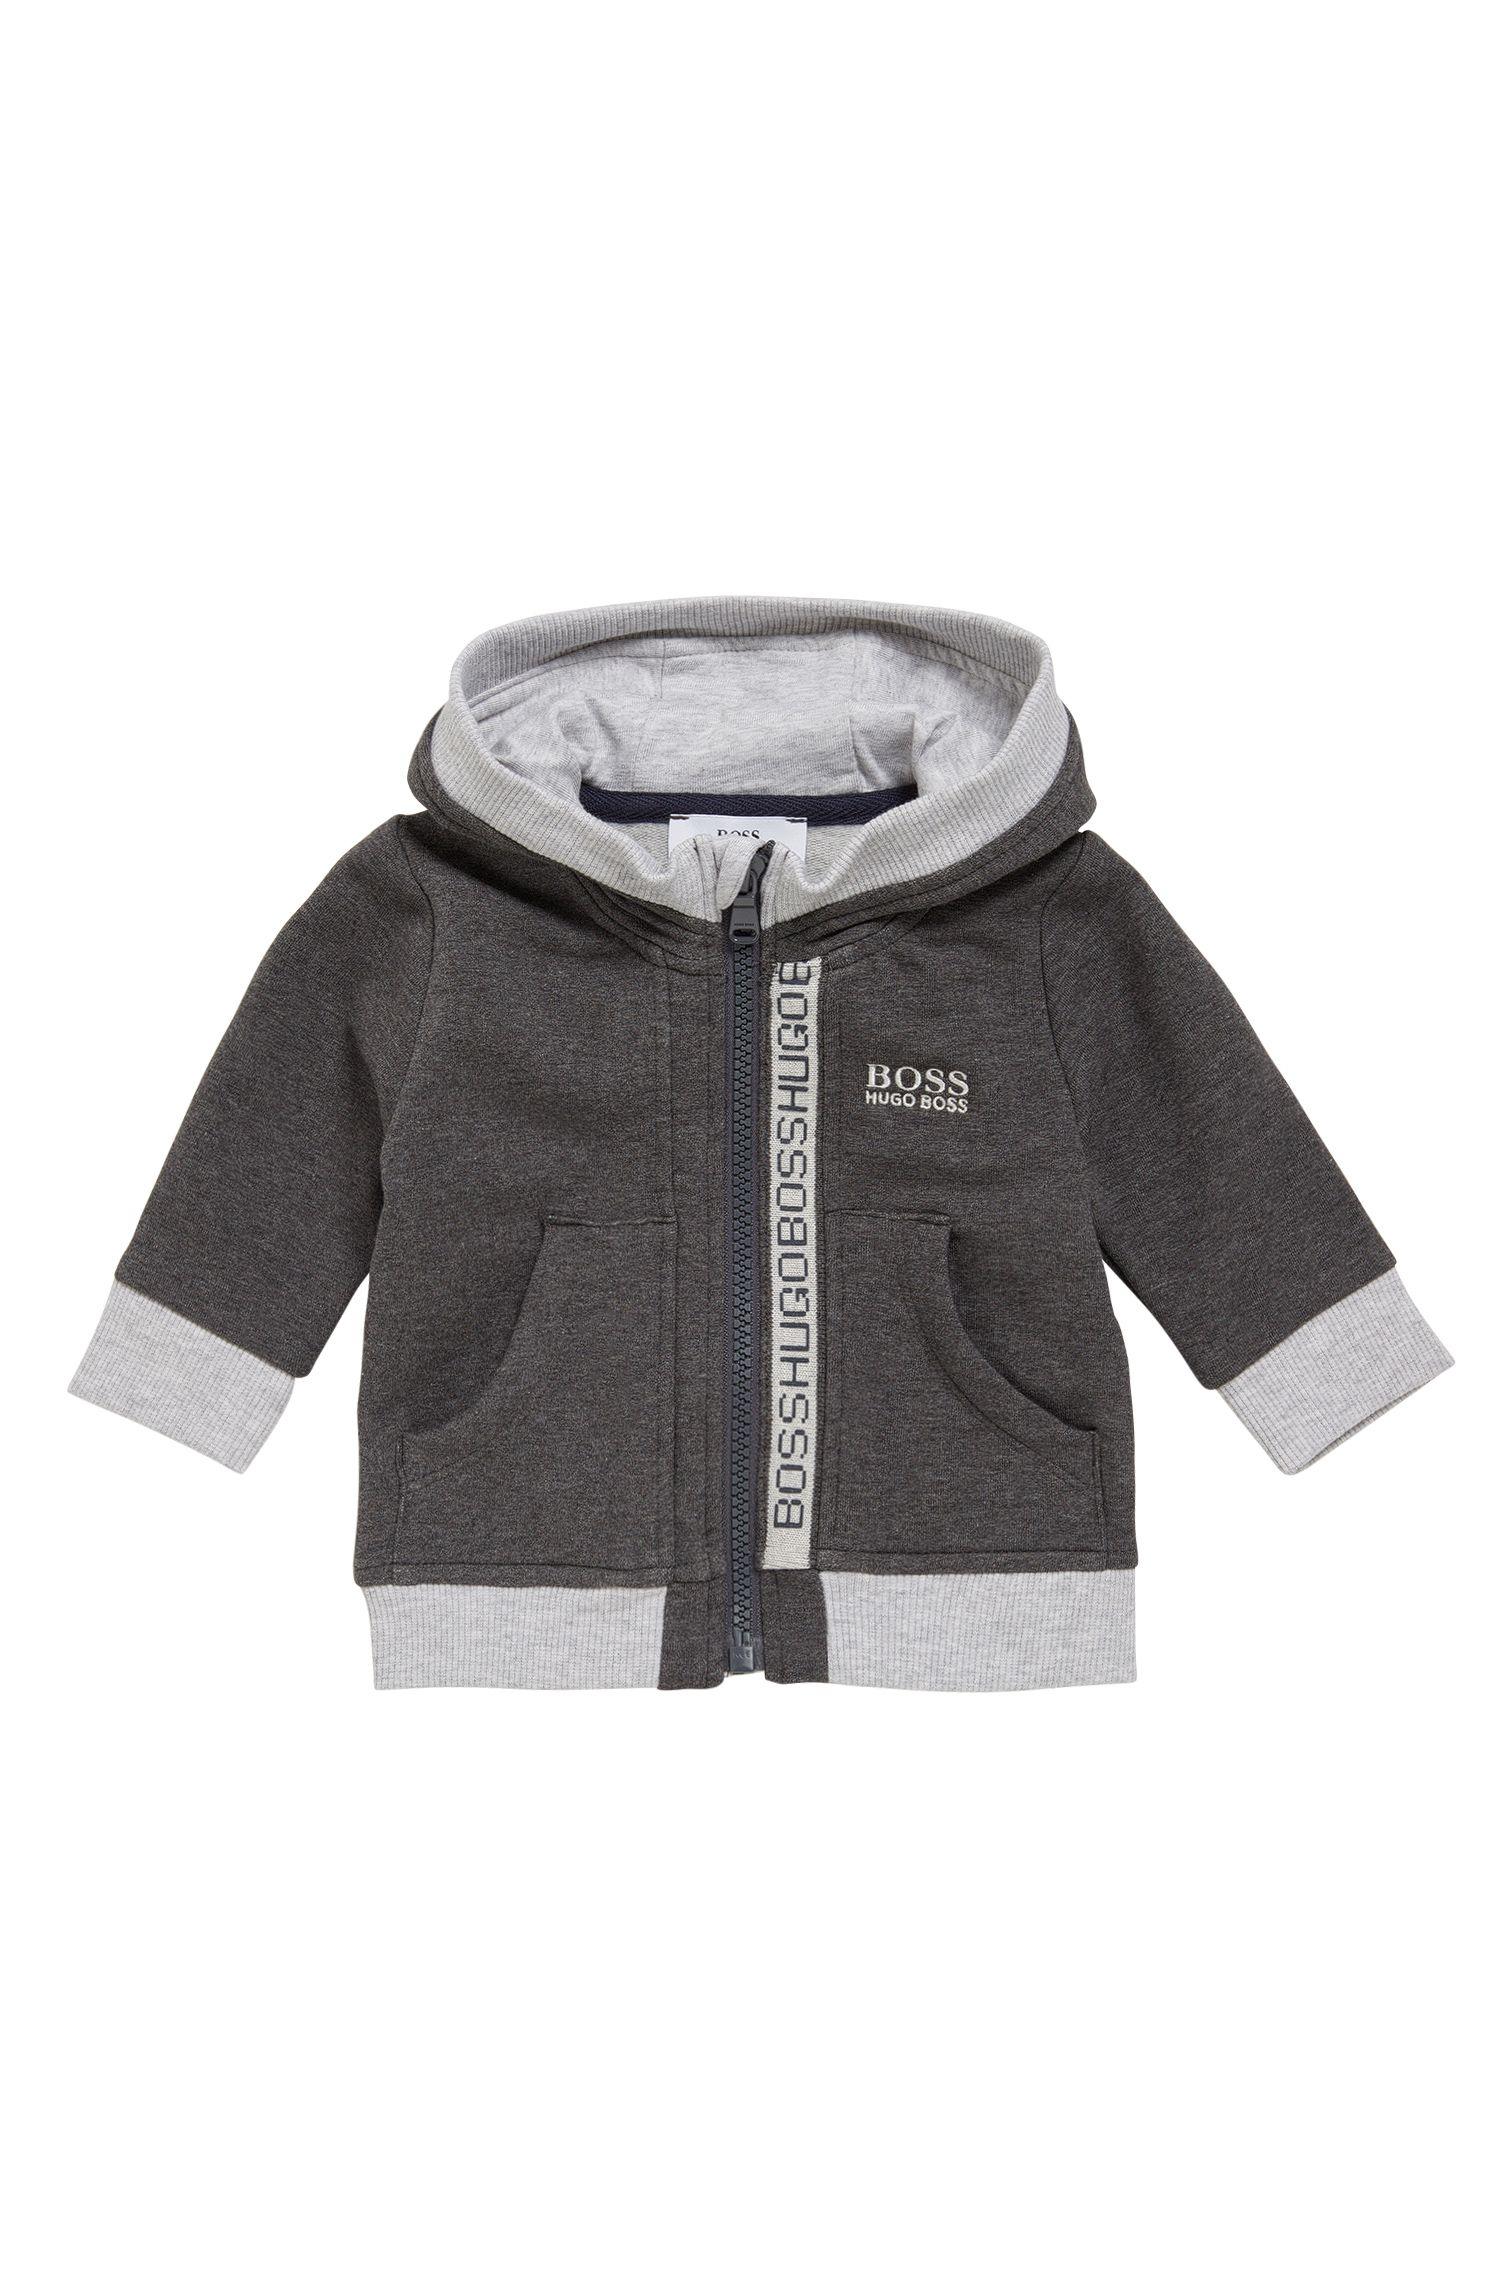 Kids-Jacke aus elastischem Baumwoll-Mix mit Kapuze: 'J05518'